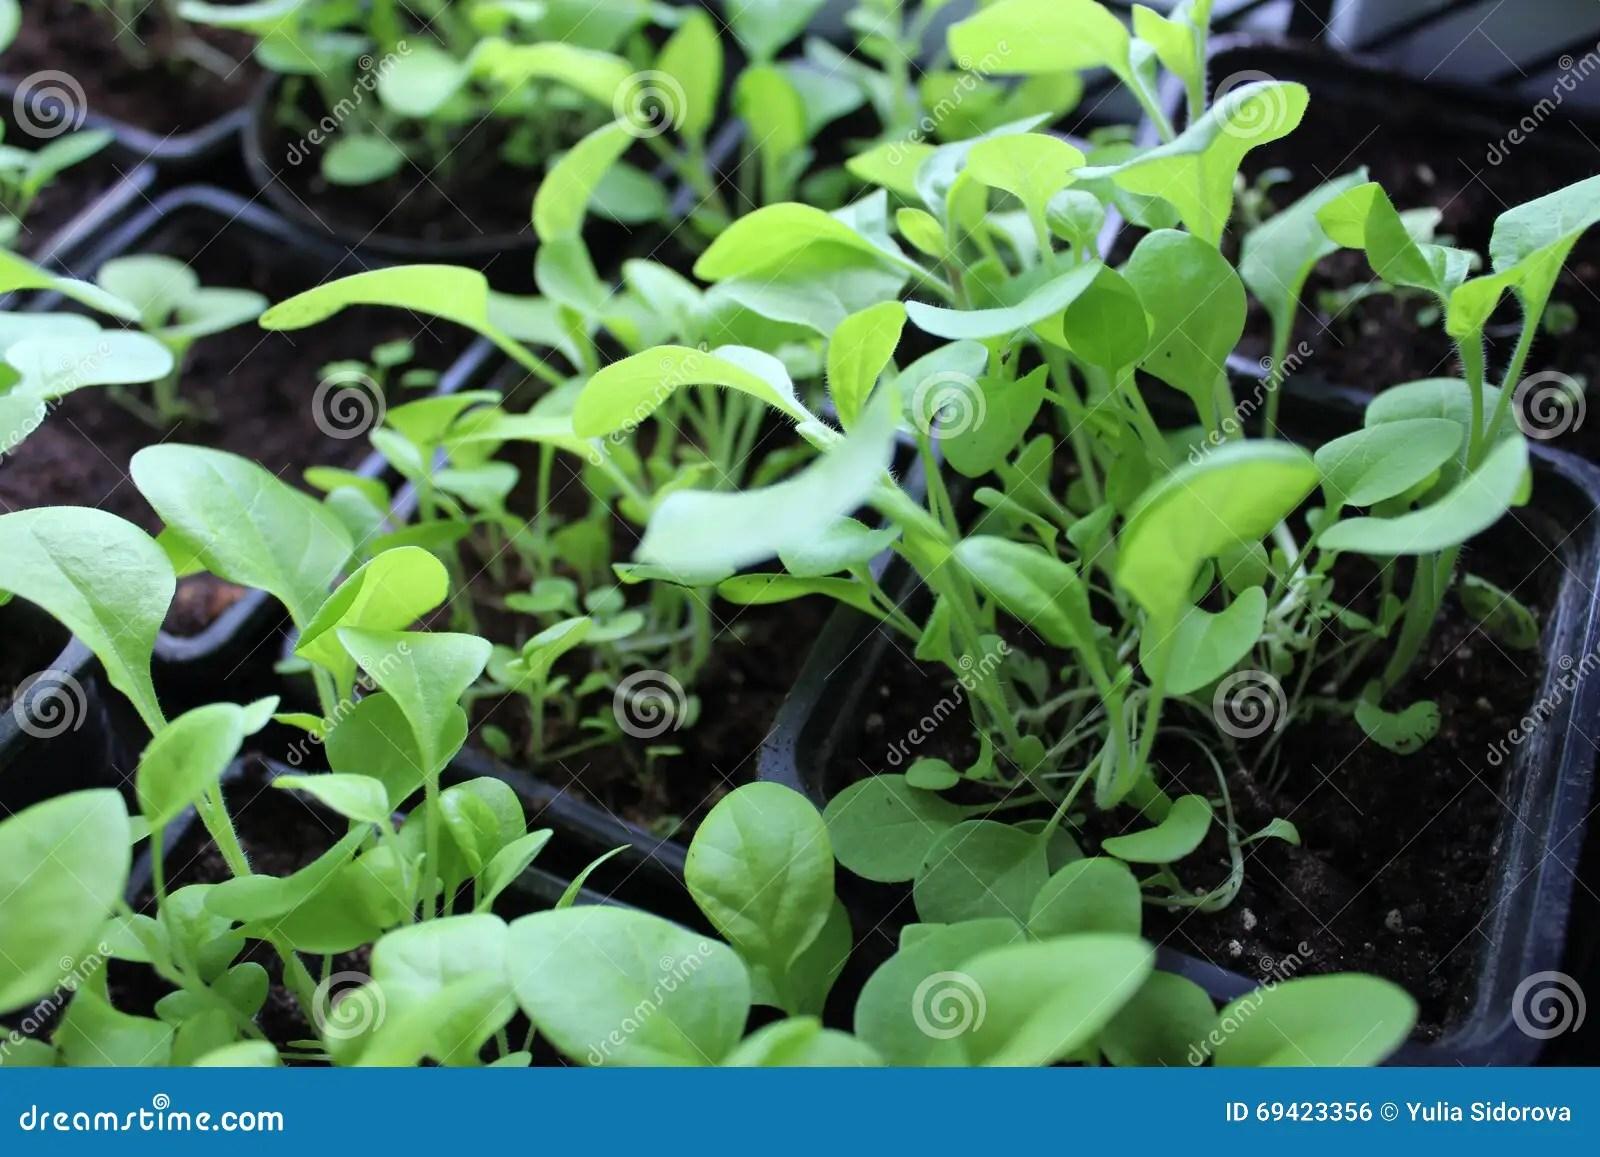 seedlings of flowers petunia